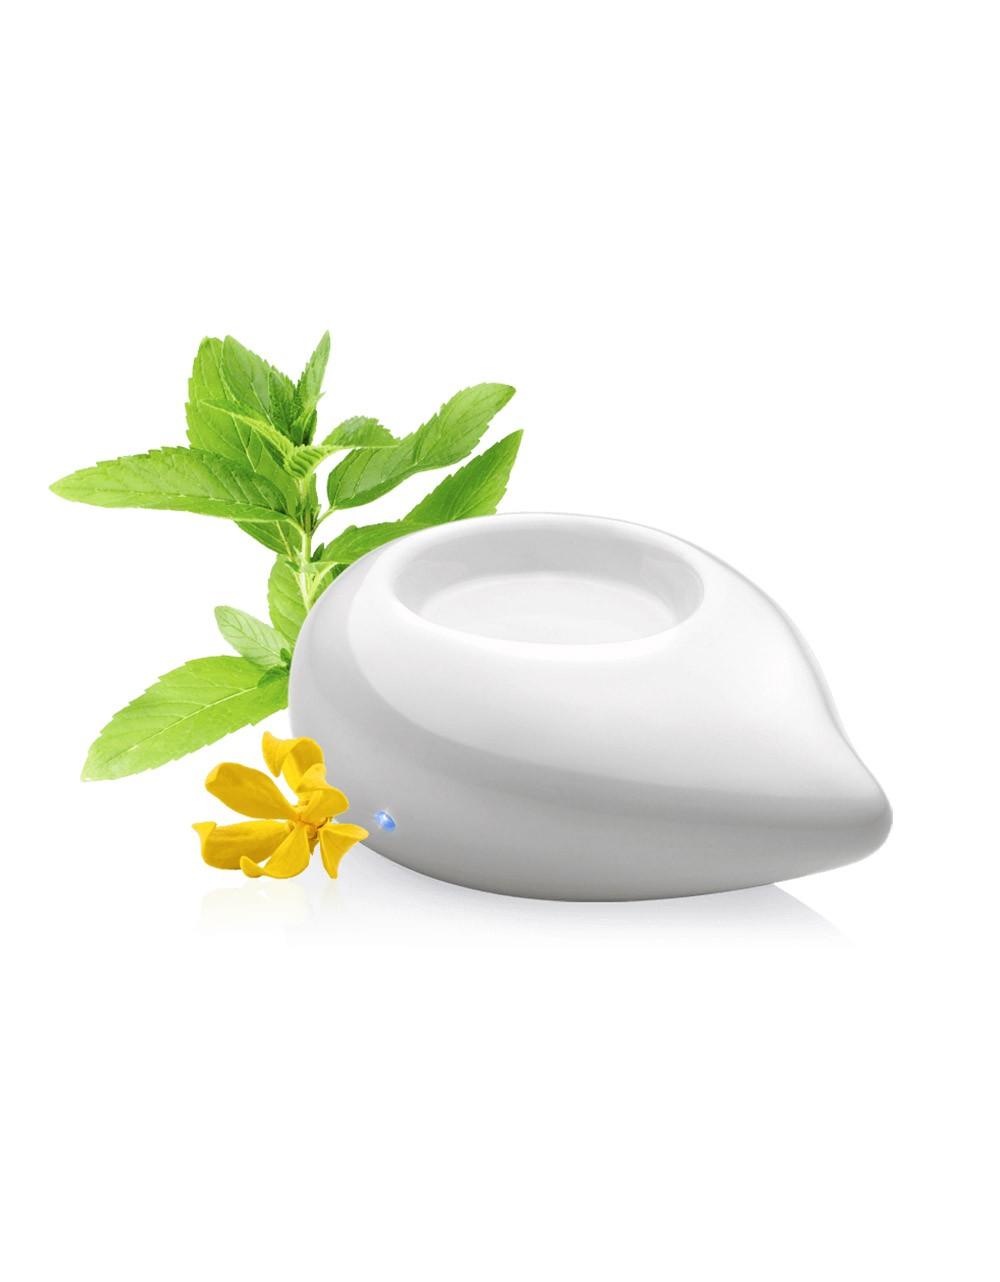 Difusor de aceites esenciales de calor moderado color blanco para aromaterapia